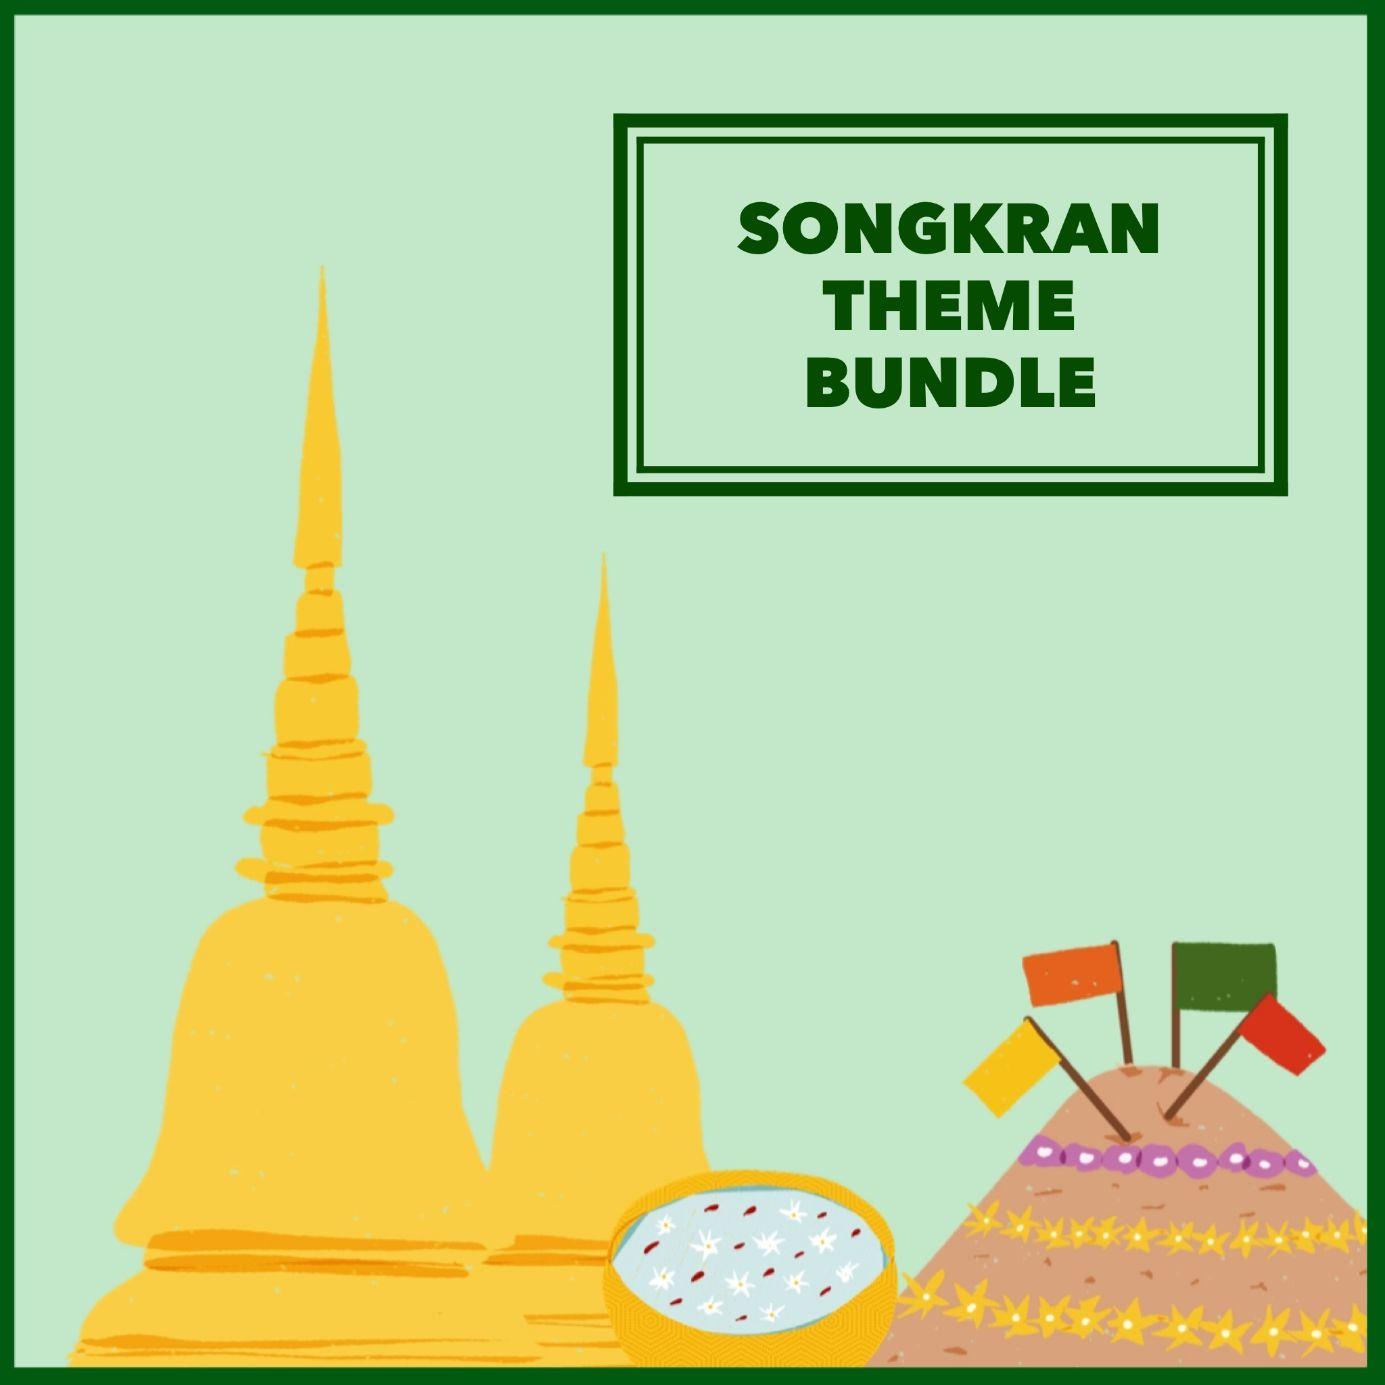 Songkran Theme Bundle